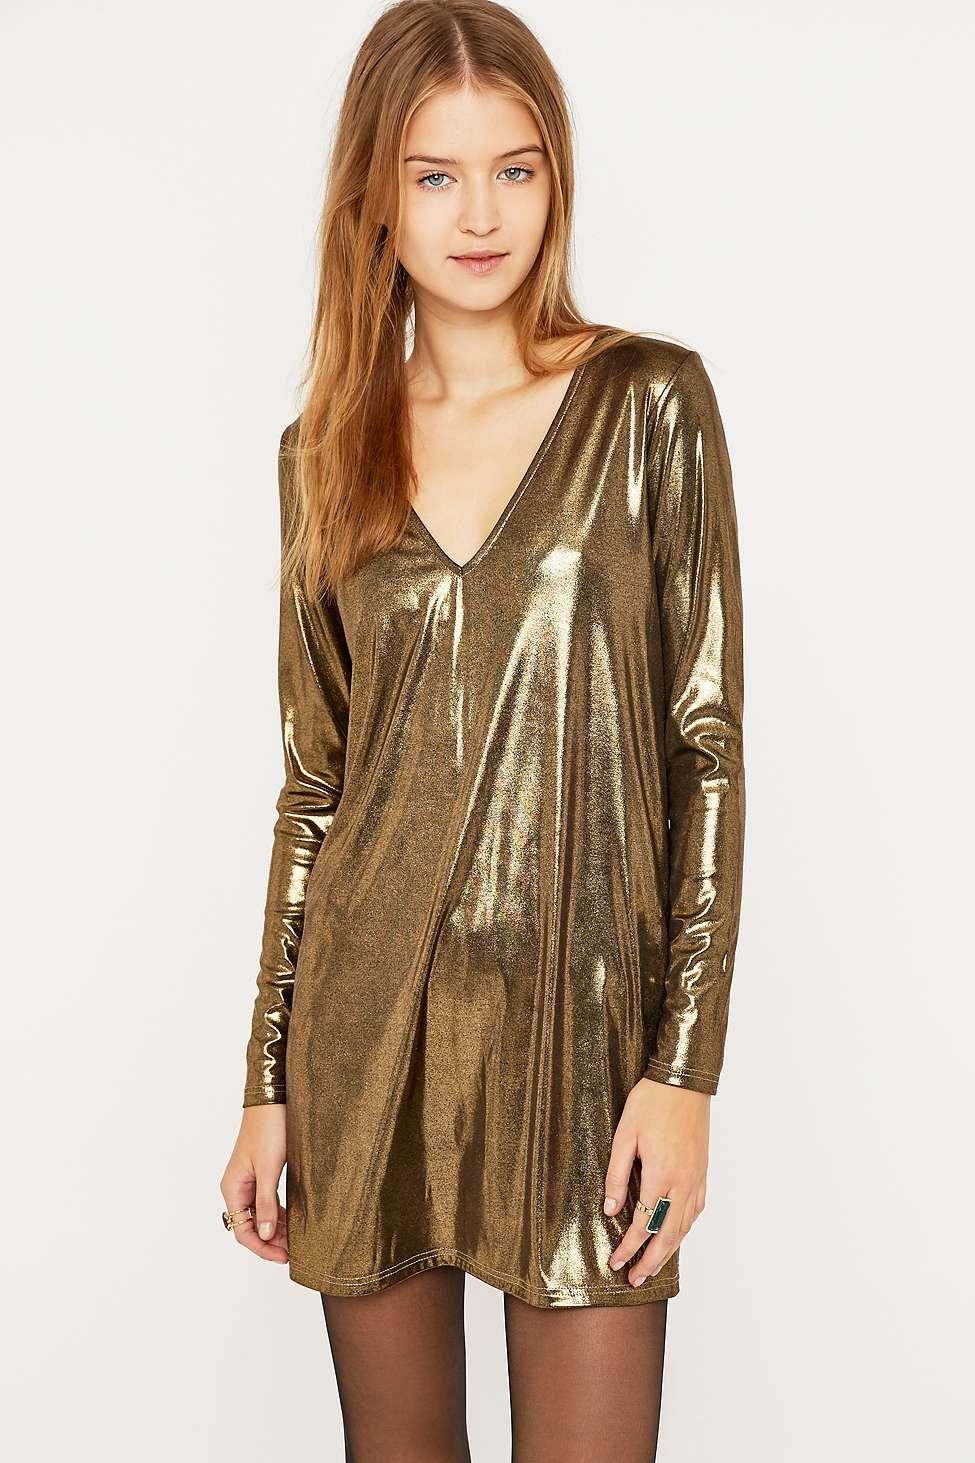 Urban Renewal Vintage Remnants V-Neck Metallic Gold Dress